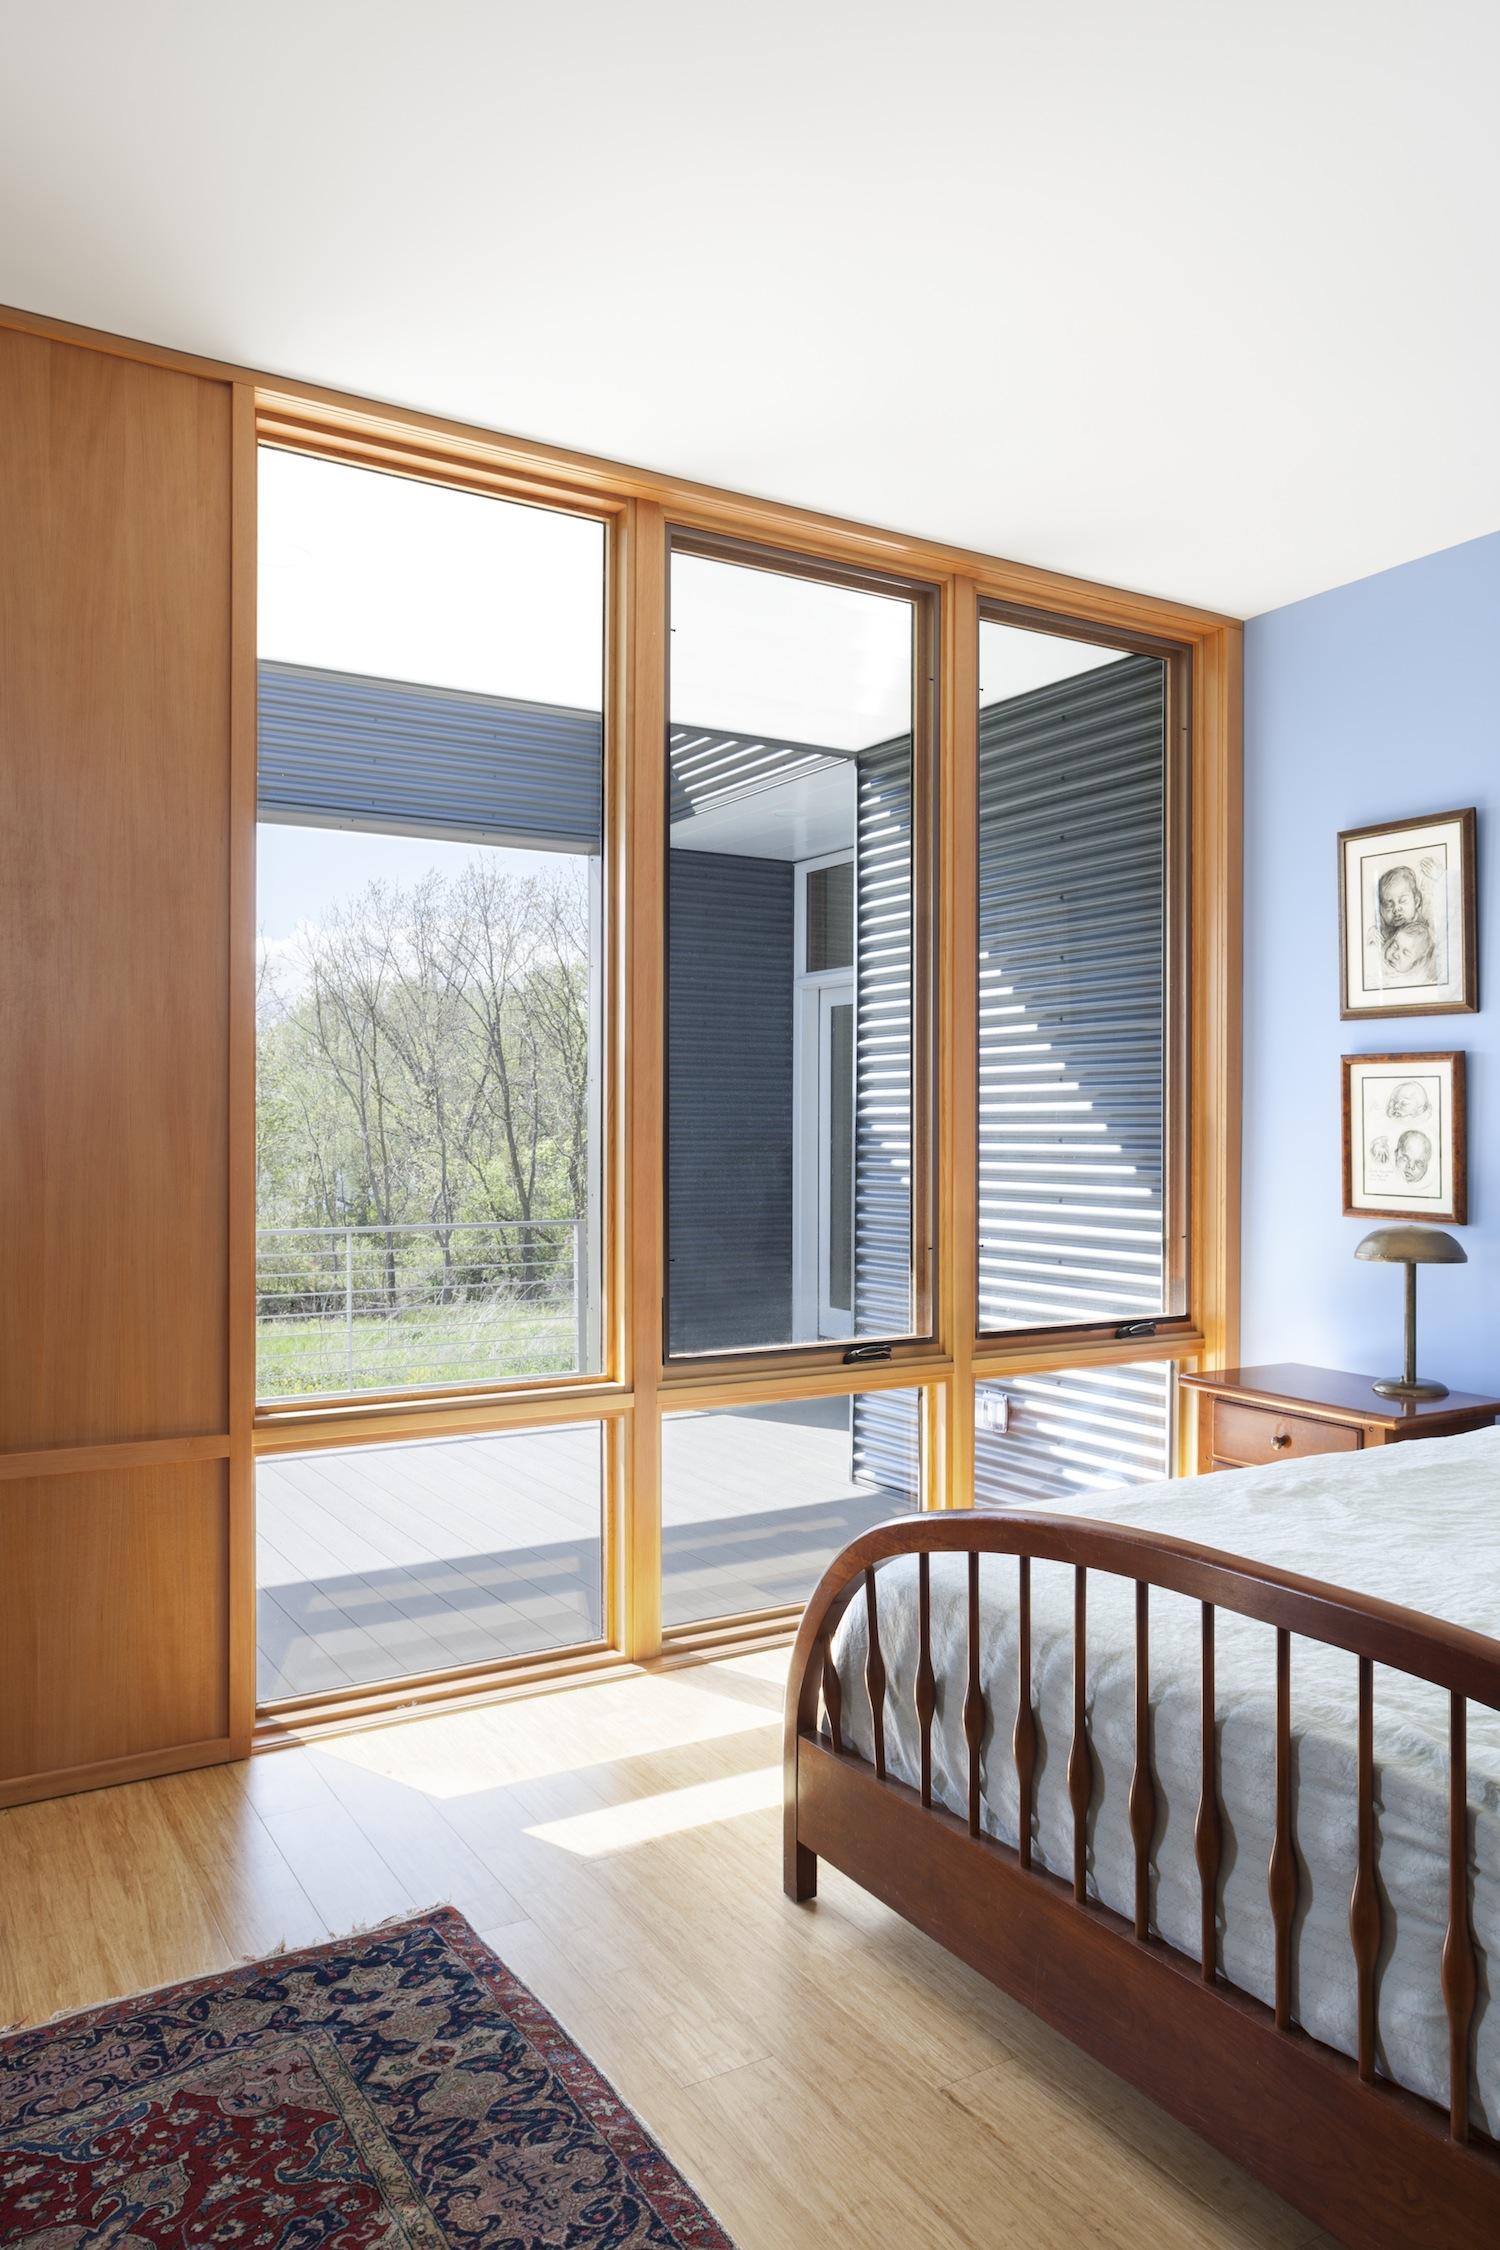 simitch-warke-schickel-construction-bedroom.jpg